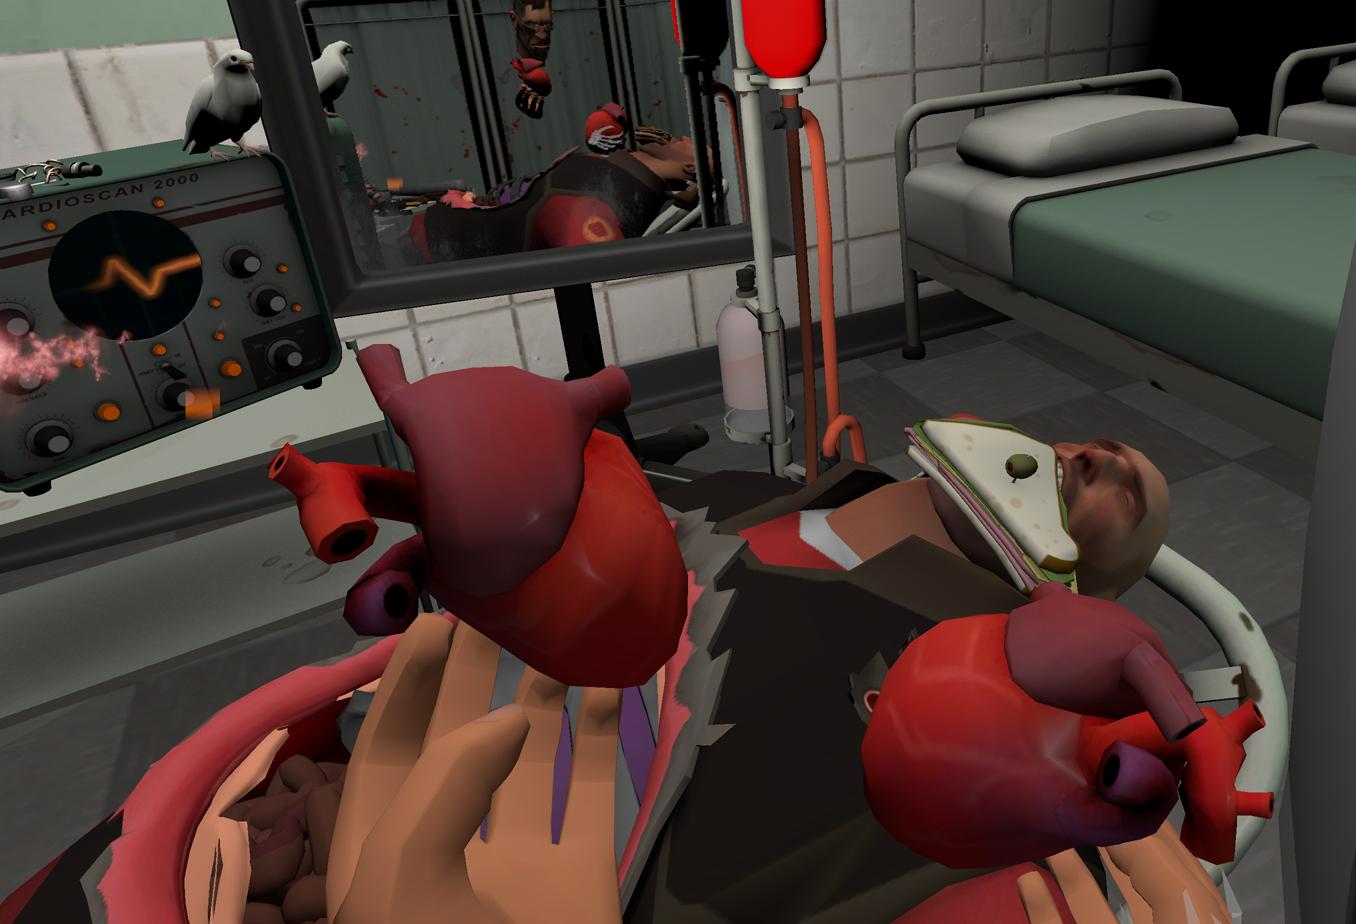 meet the medic surgeon simulator game free